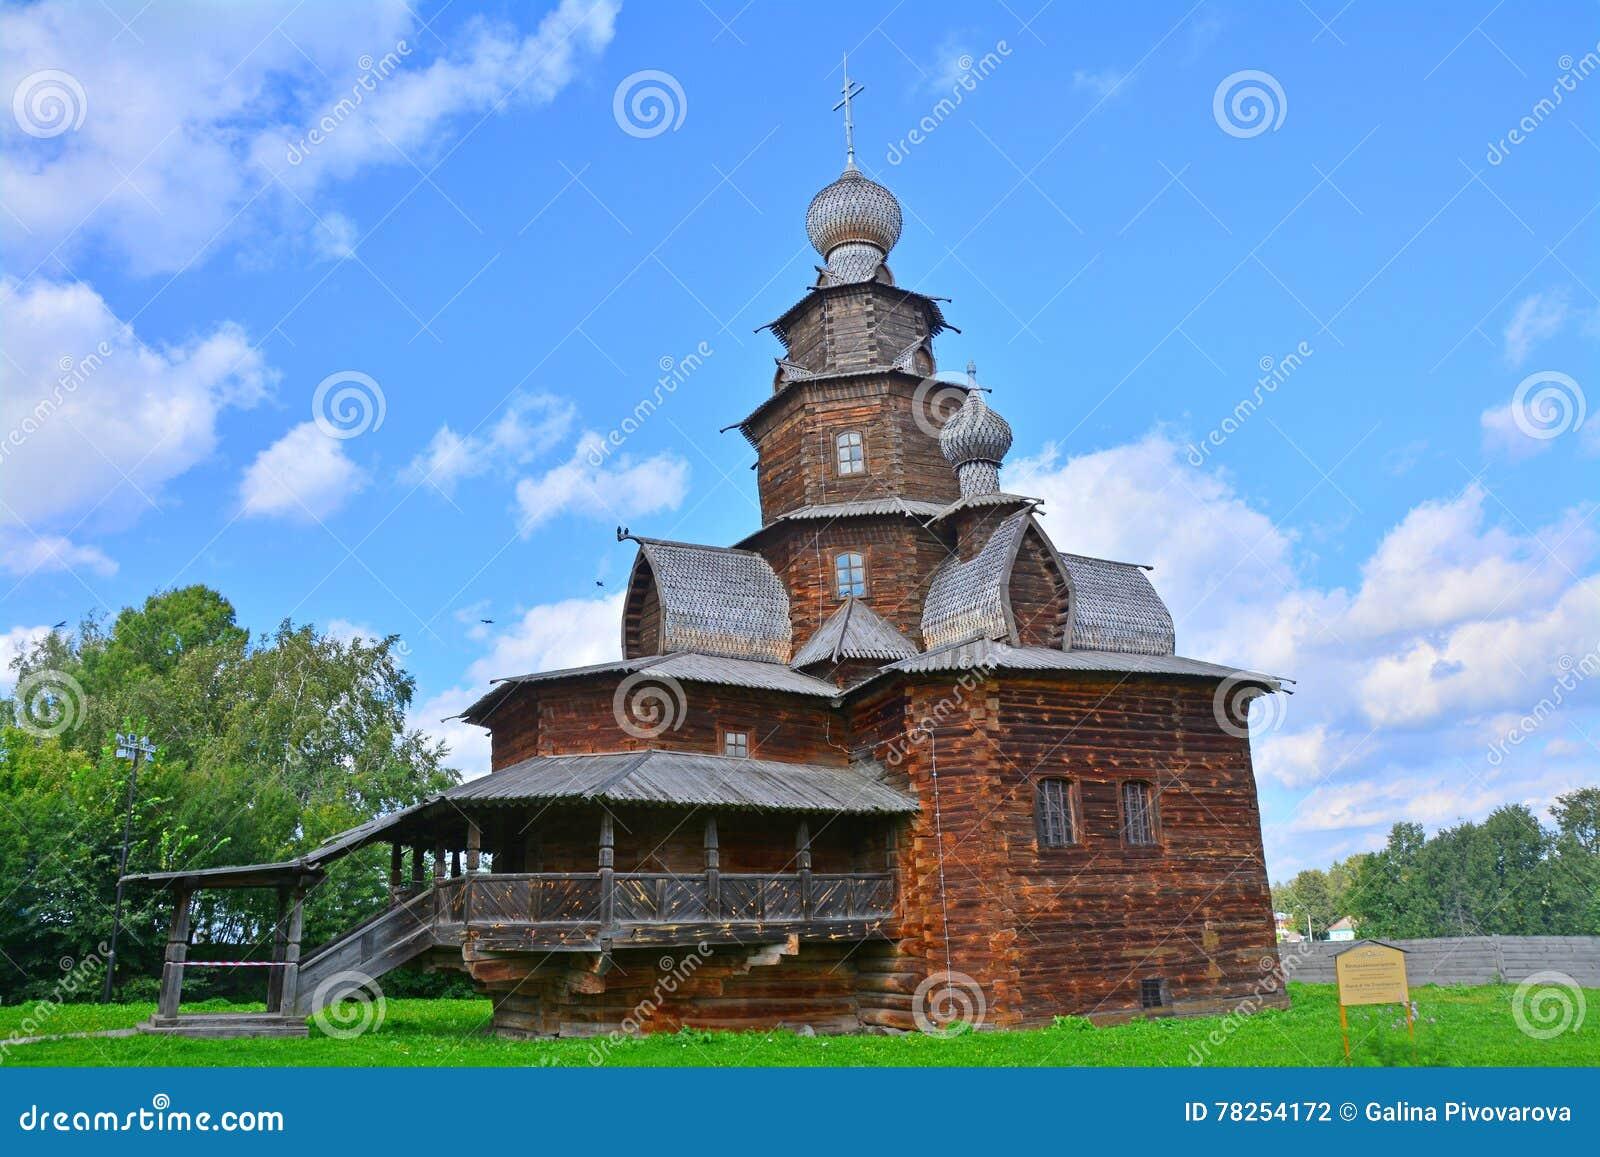 δευτερεύουσα πρόσοψη της εκκλησίας της μεταμόρφωσης του 19ου αιώνα στο μουσείο της ξύλινης αρχιτεκτονικής στο Σούζνταλ, Ρωσία